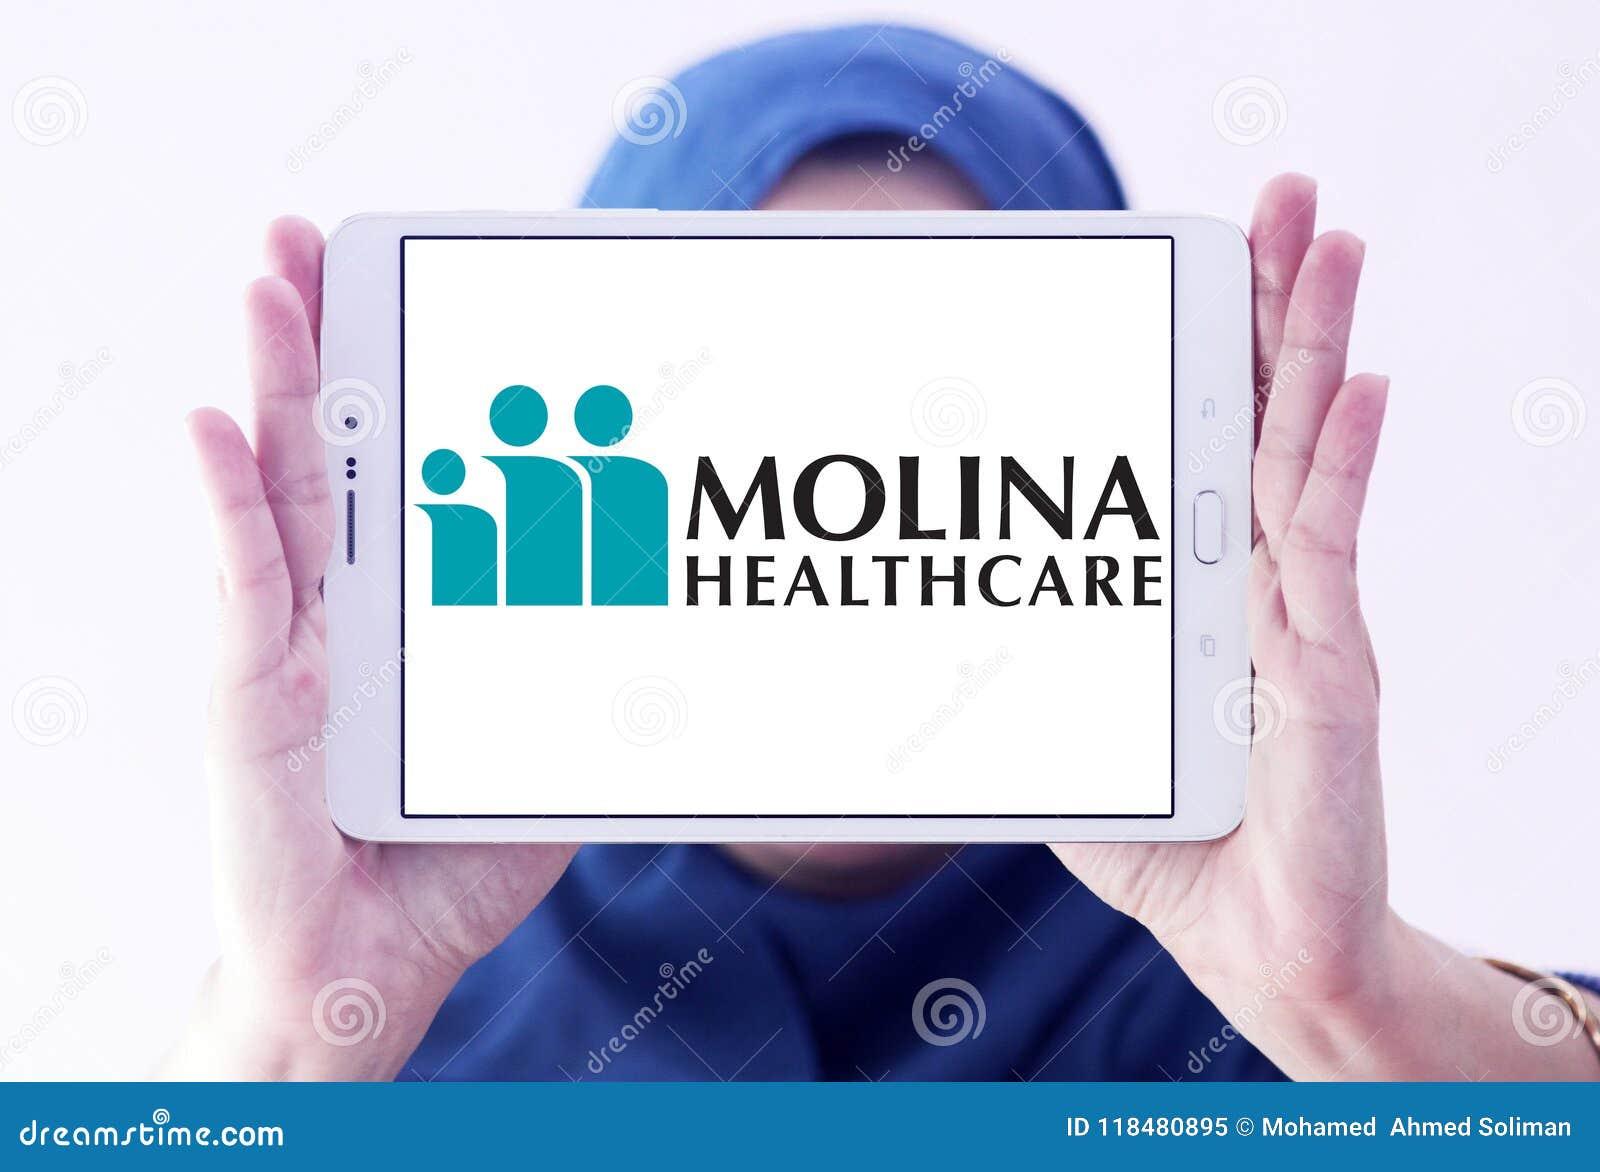 Επιχείρηση υγειονομικής περίθαλψης Molina